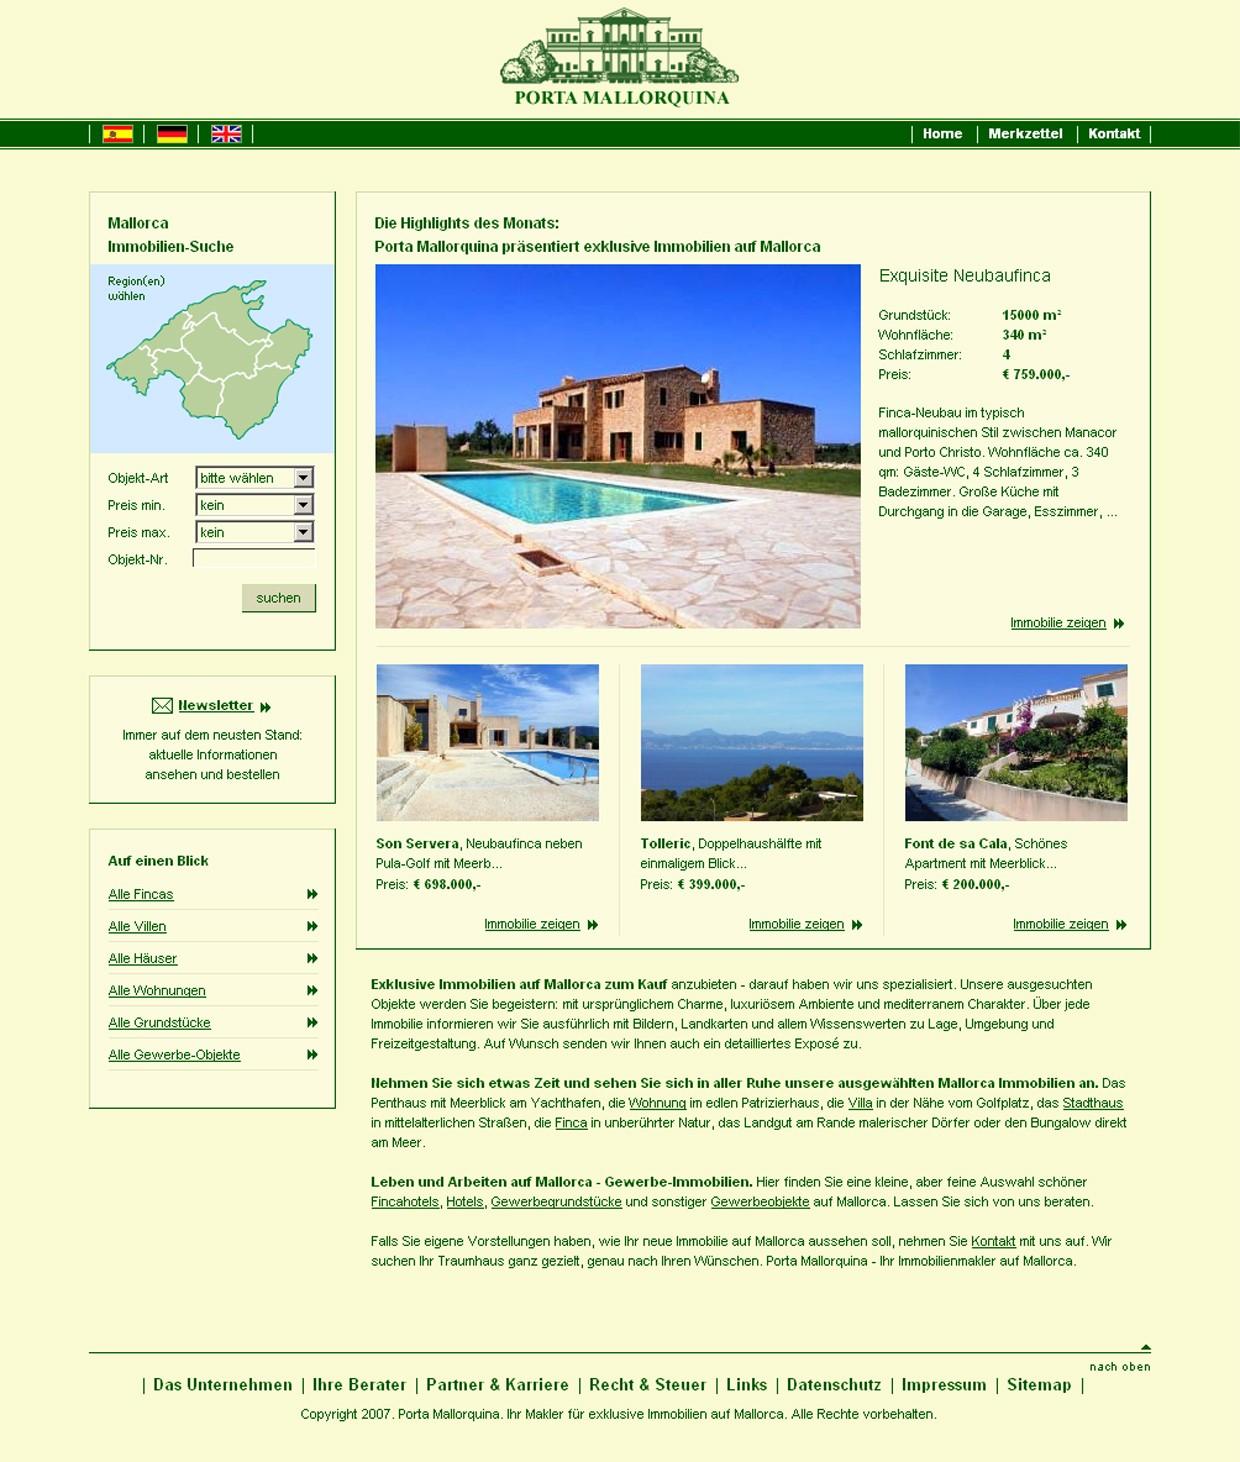 sito web antiguo de Porta Mallorquina